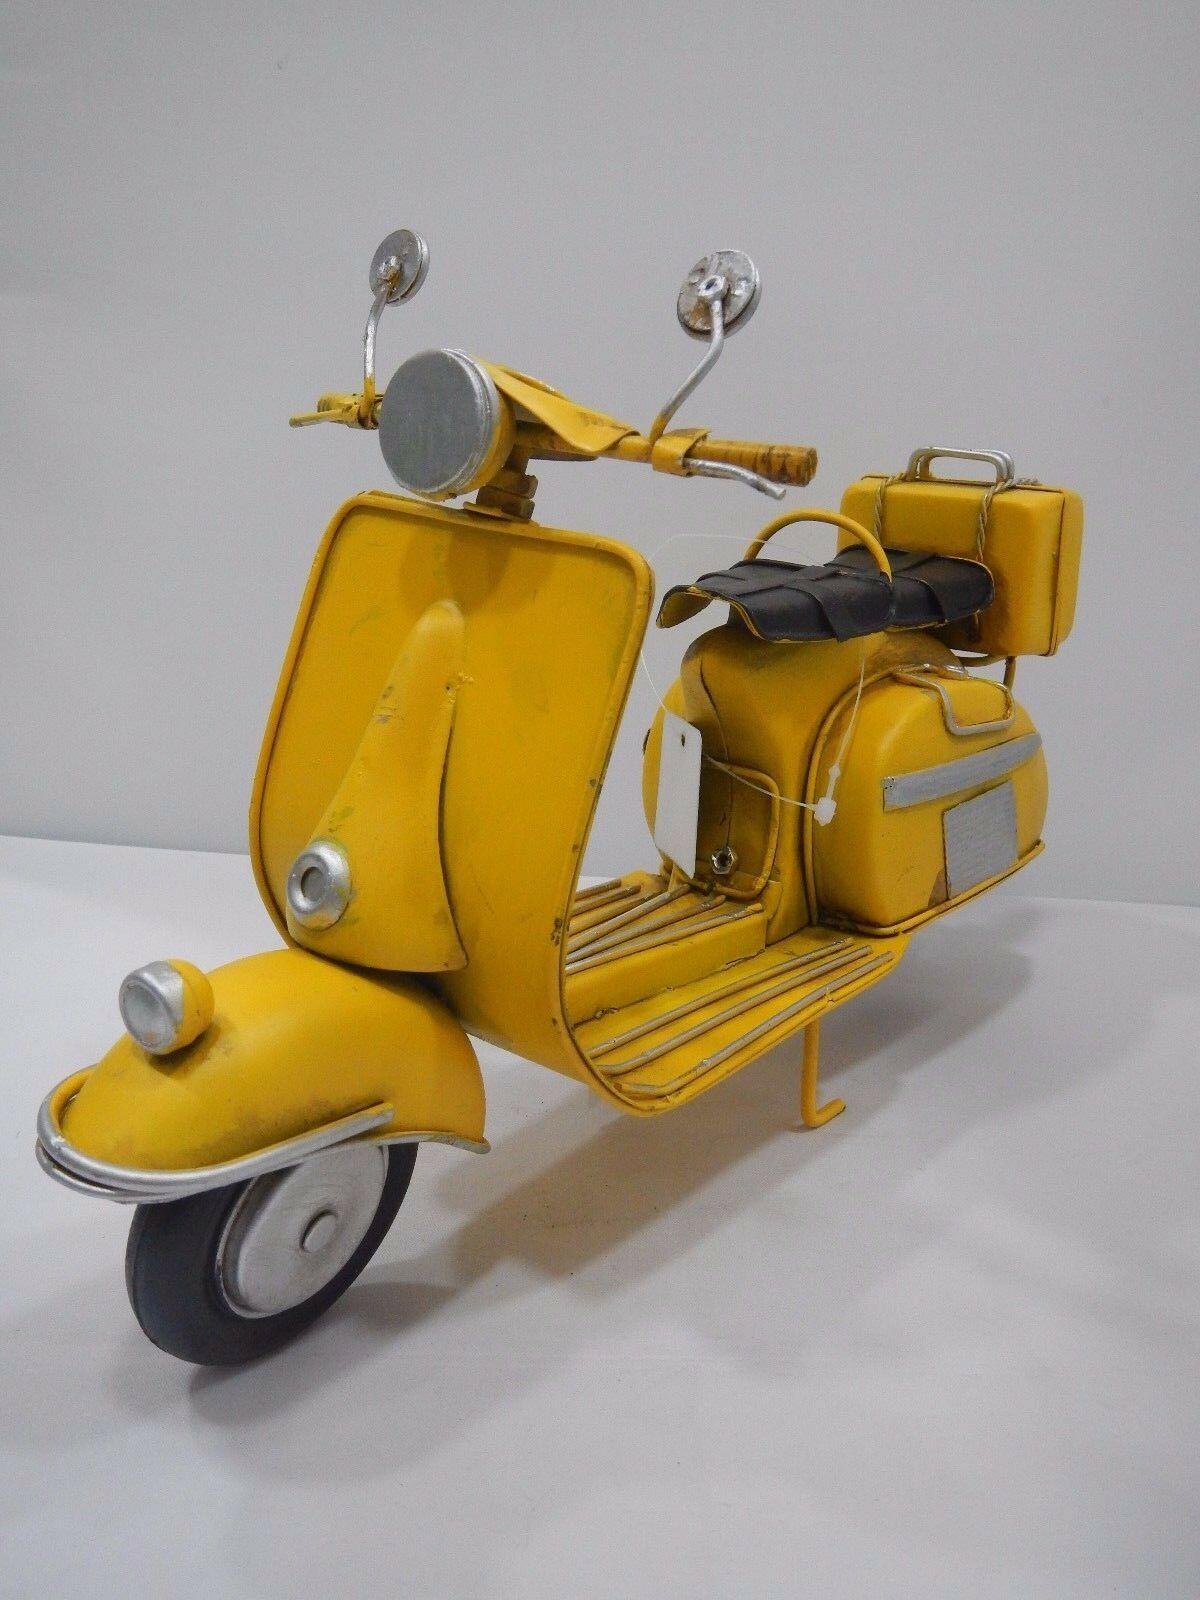 Cuorematto Cuoreveloce Vespa, vespa vintage, sidecar E3140 D5218 D5217